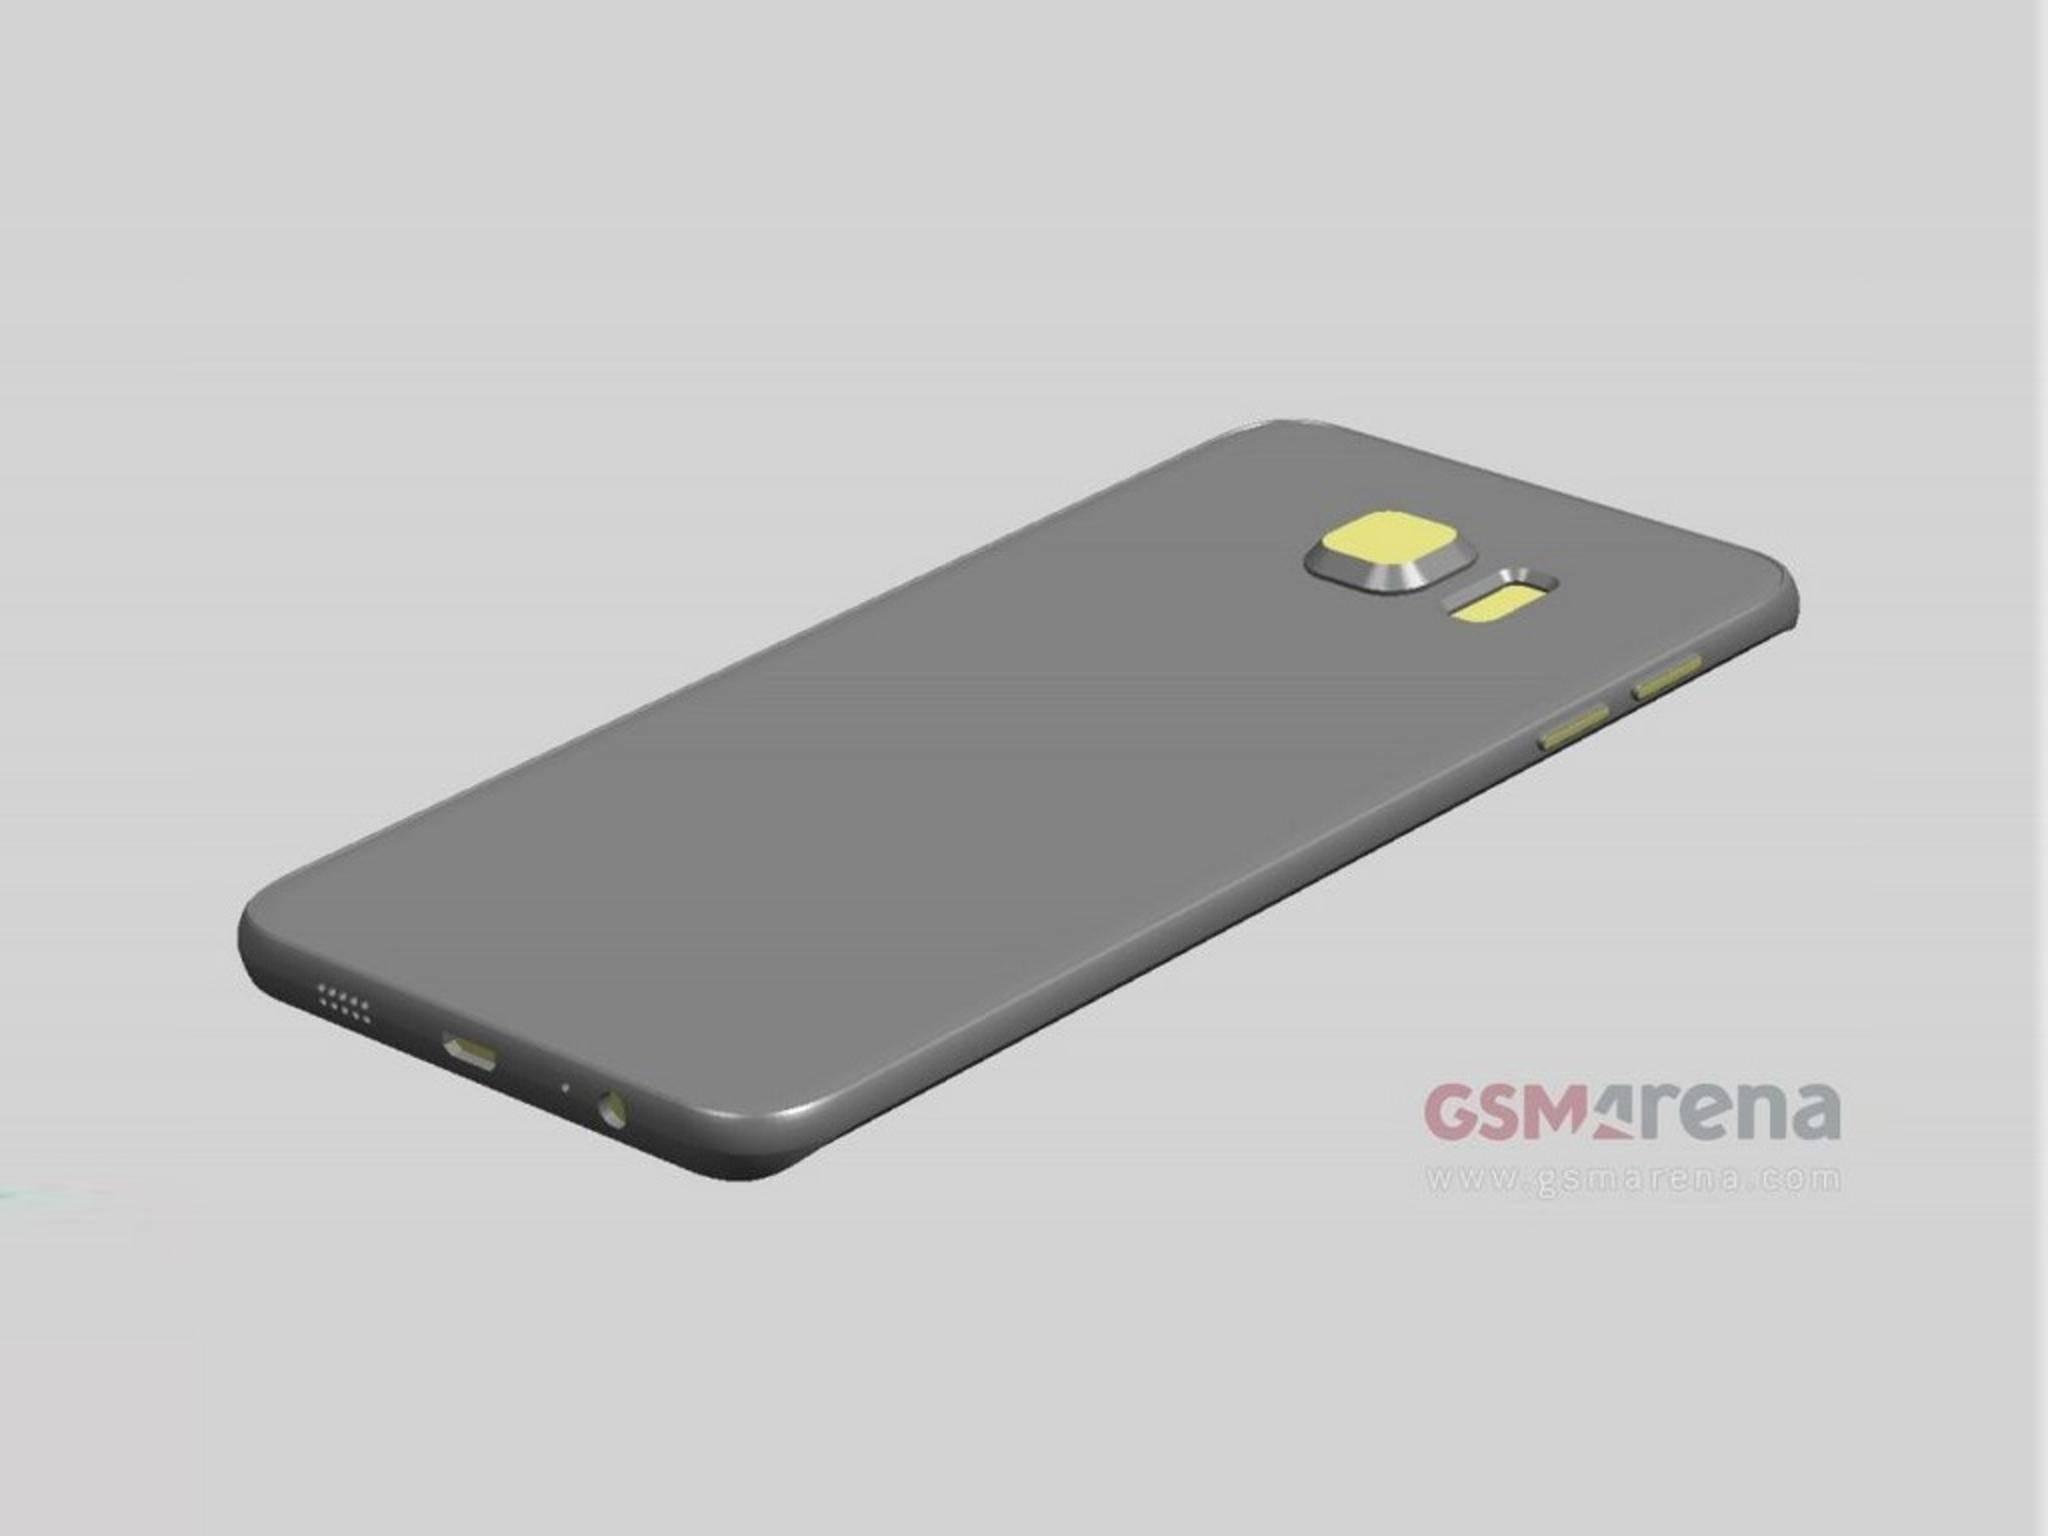 Die Abmessungen des Galaxy S6 Edge Plus fallen wohl ähnlich aus.